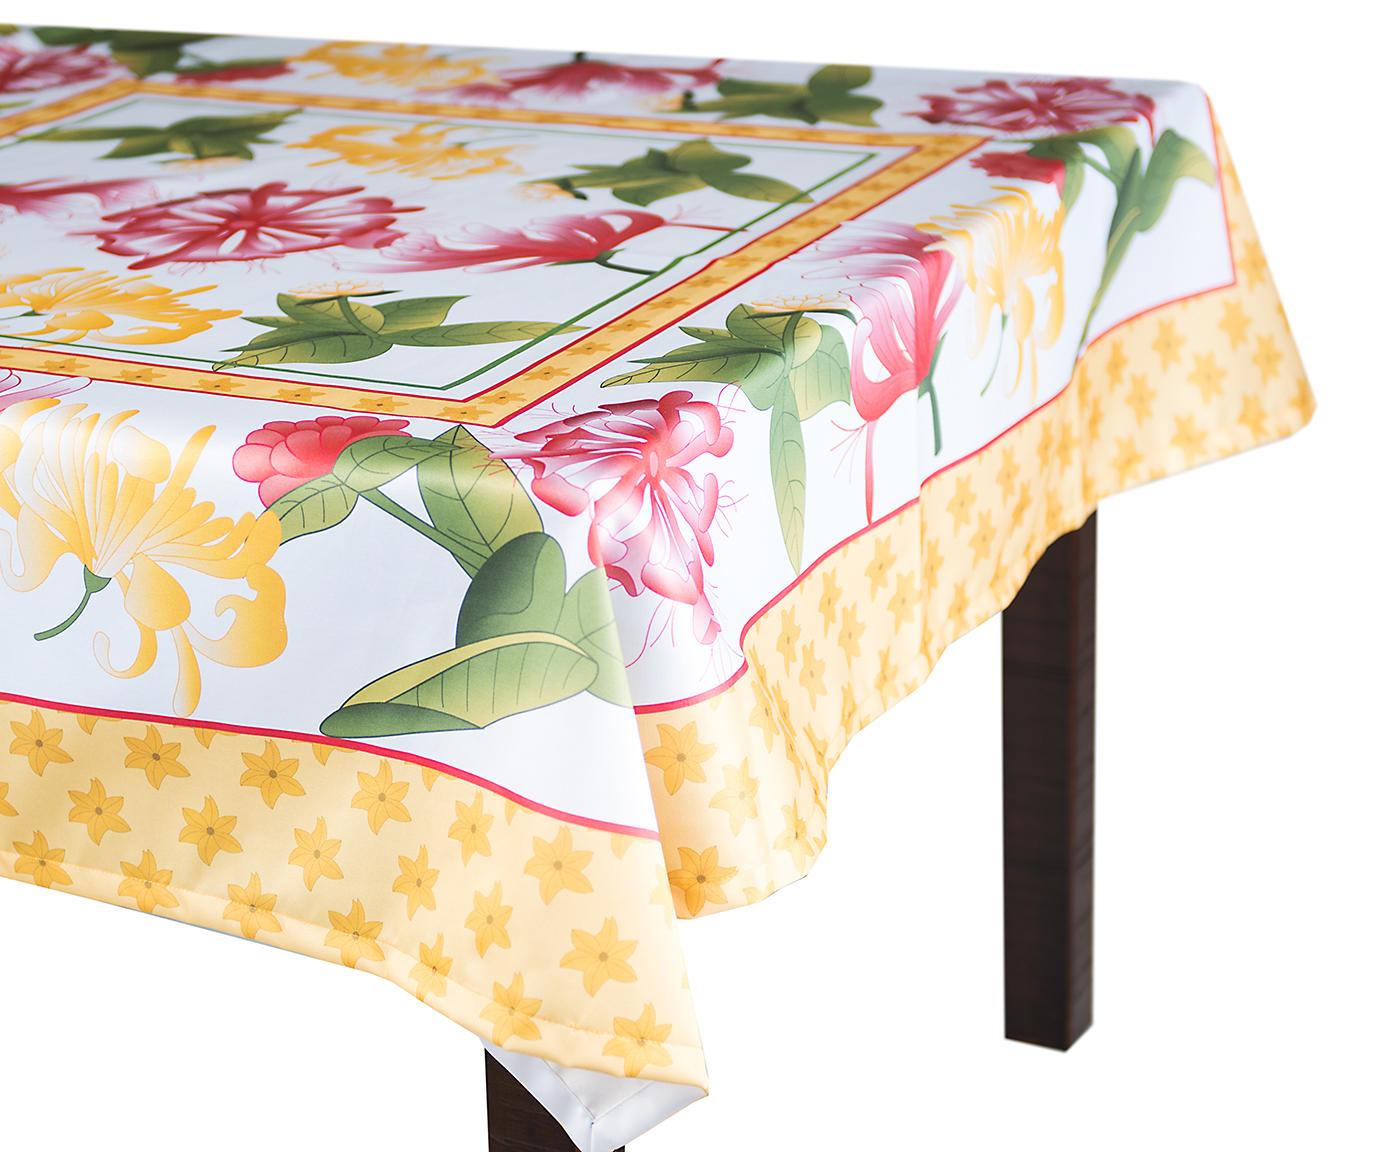 Кухня Скатерть 140x140 Blonder Home Spring желтая skatert-140x140-blonder-home-spring-zheltaya-ssha-rossiya.jpg